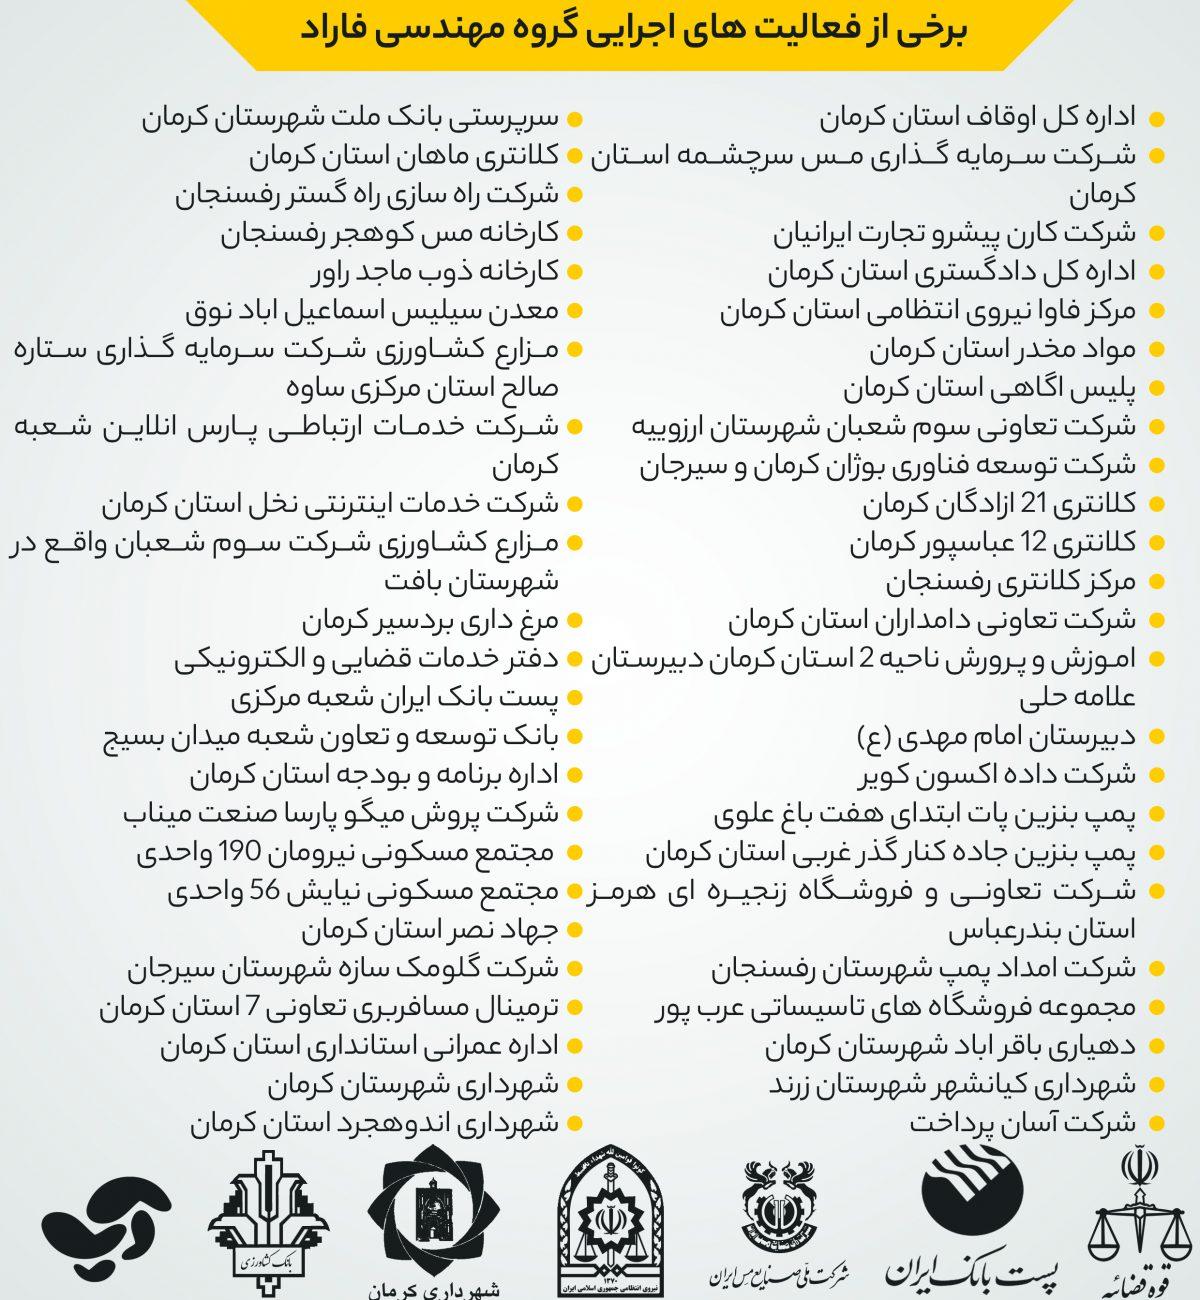 eghdamat_farad